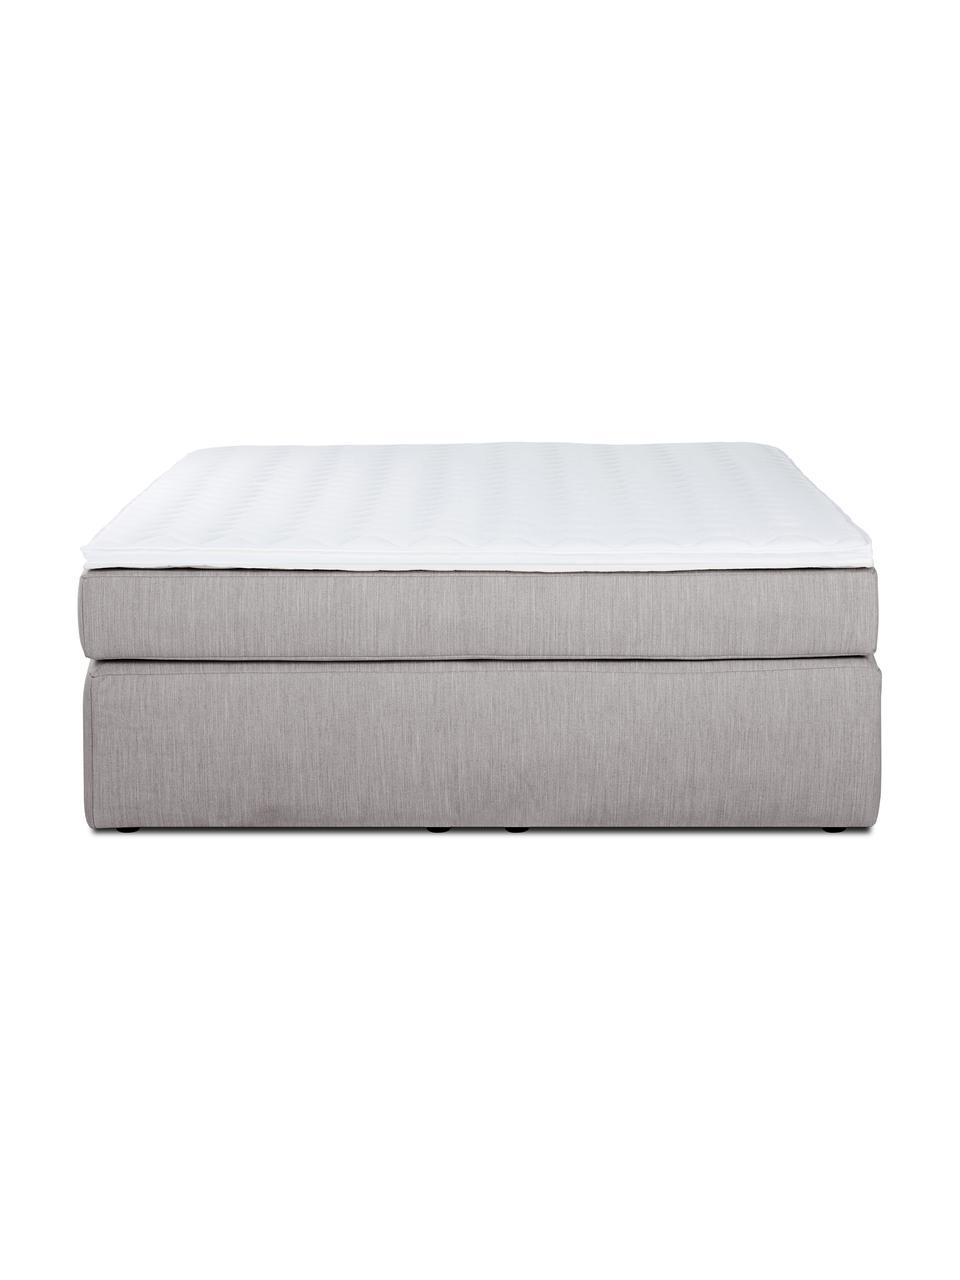 Łóżko kontynentalne bez zagłówka Aries, Nogi: tworzywo sztuczne, Ciemny szary, S 200 x D 200 cm